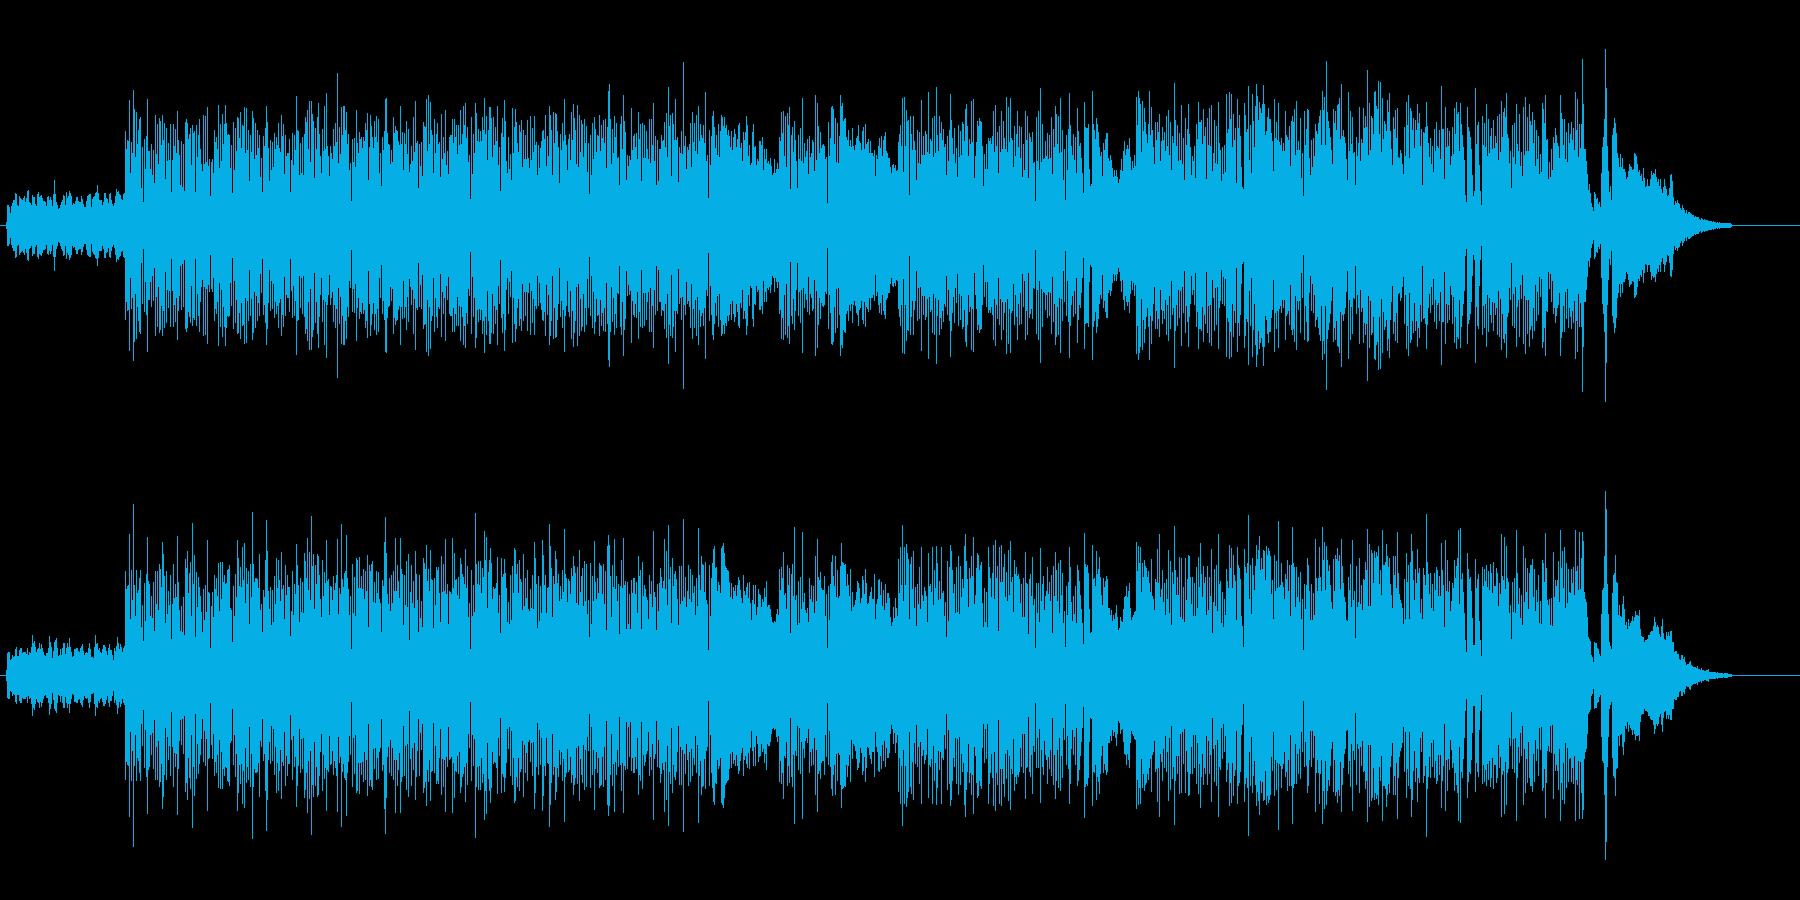 ピアノ&シンセのアップテンポ幻想的曲の再生済みの波形